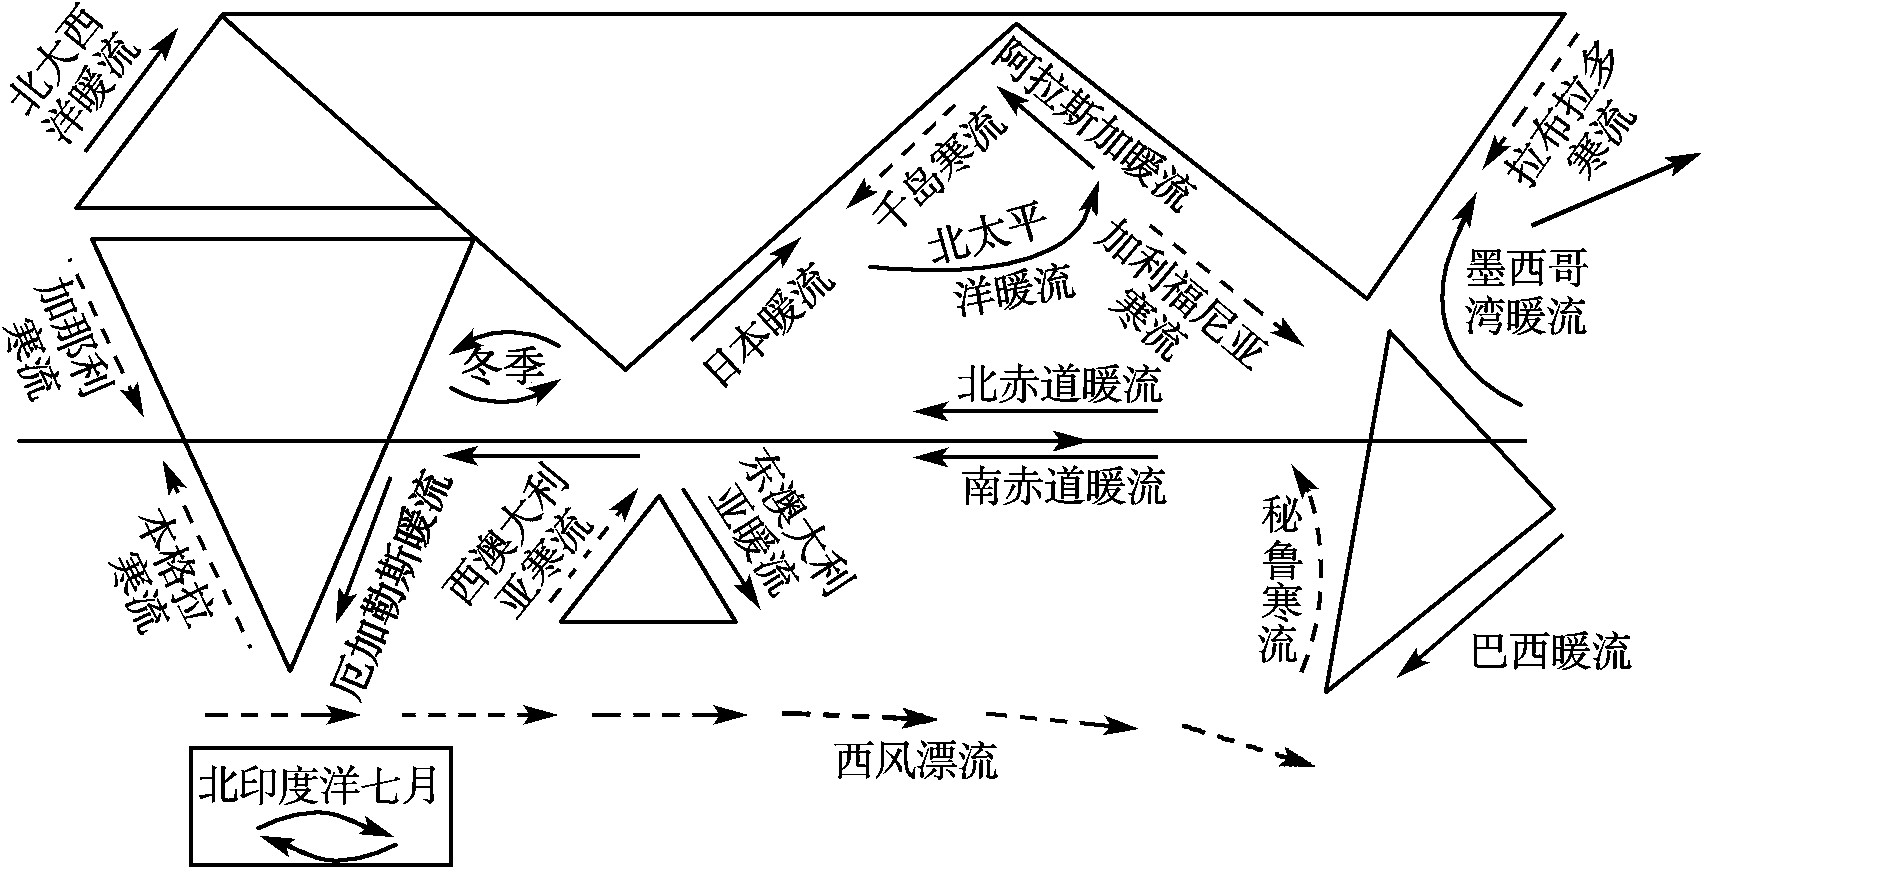 世界洋流分布模式图_高一地理太平洋洋流图橄榄型画法?_百度知道